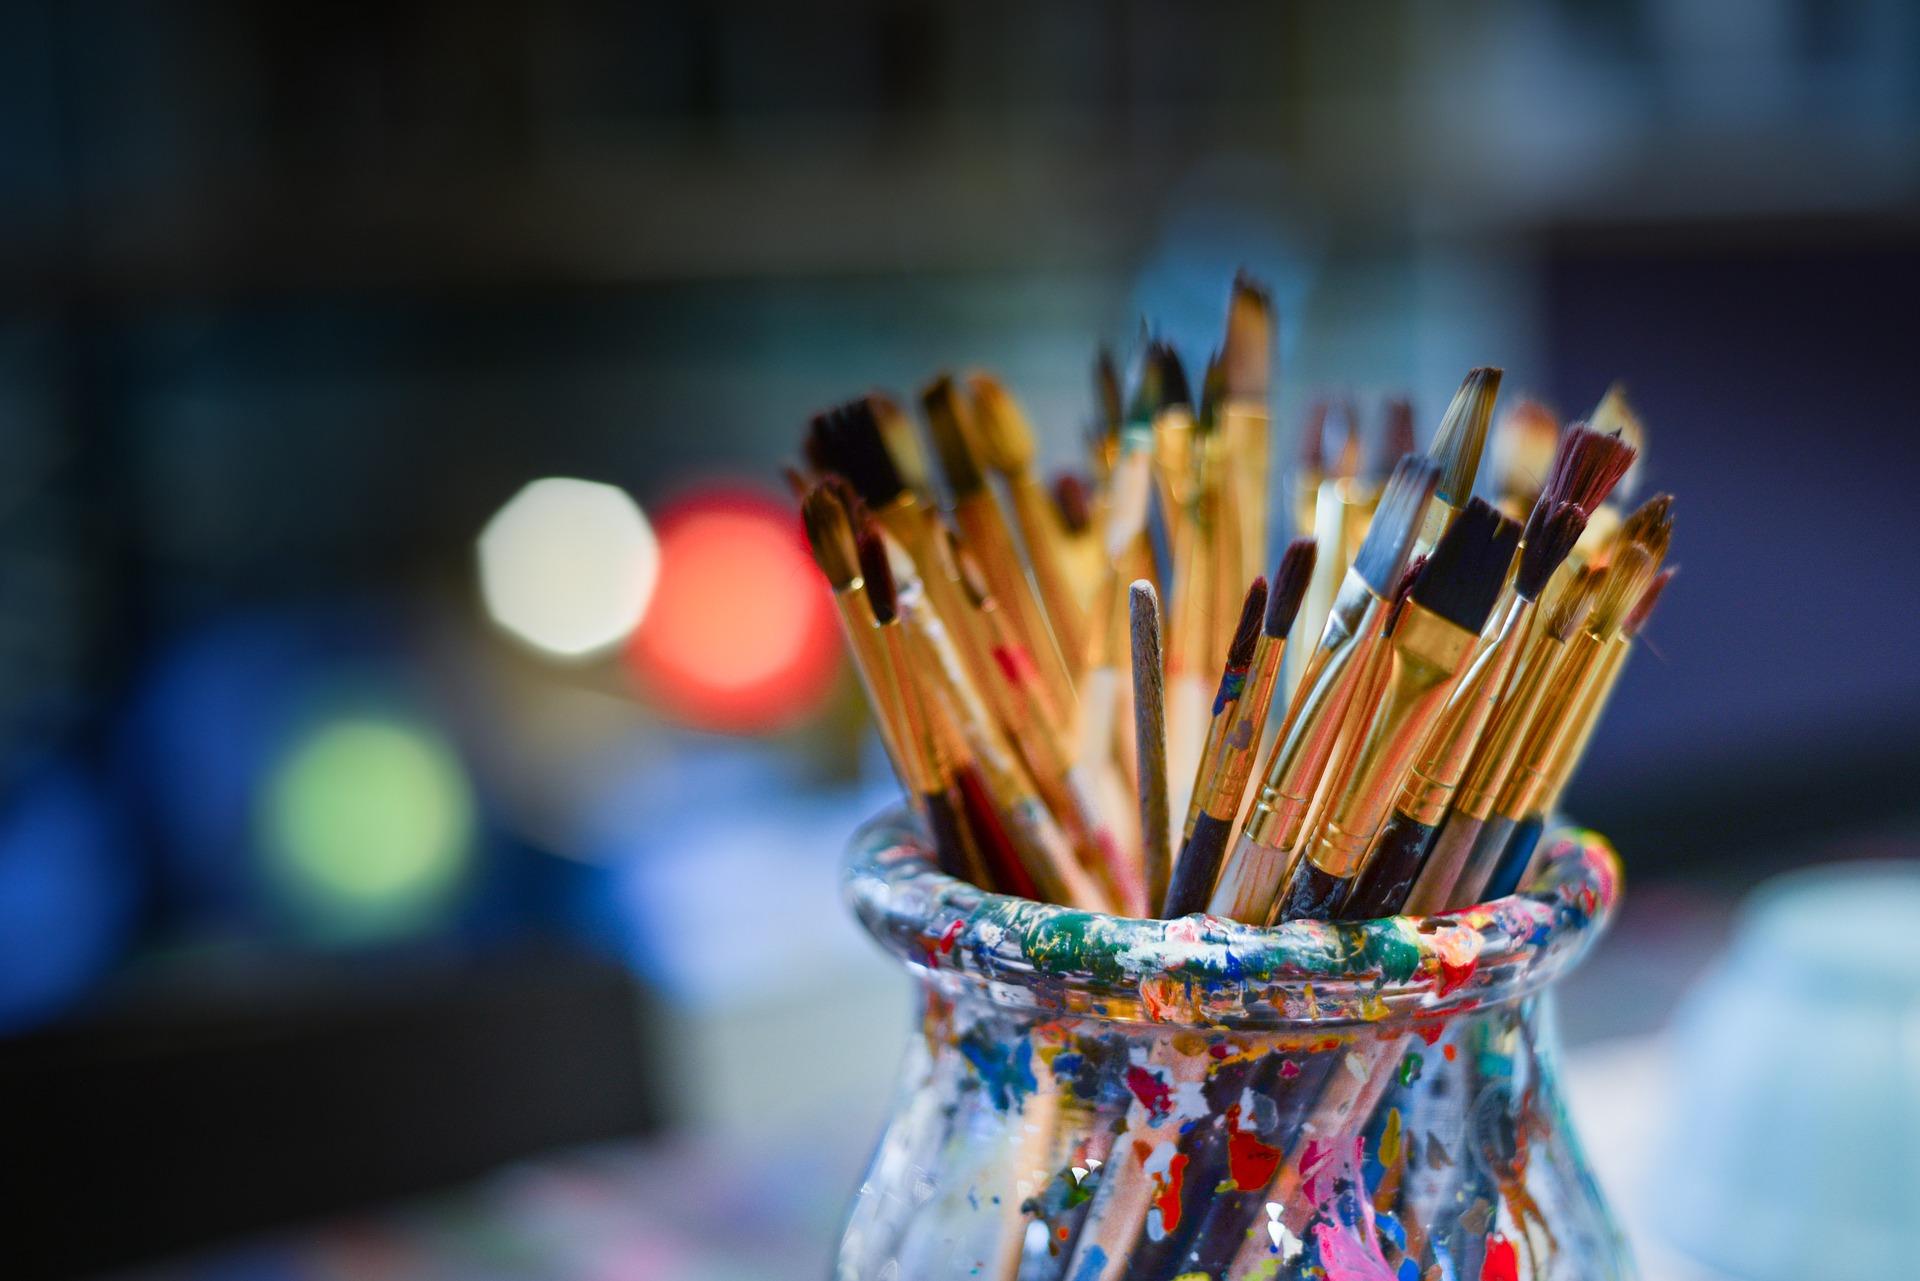 Терапия творчеством